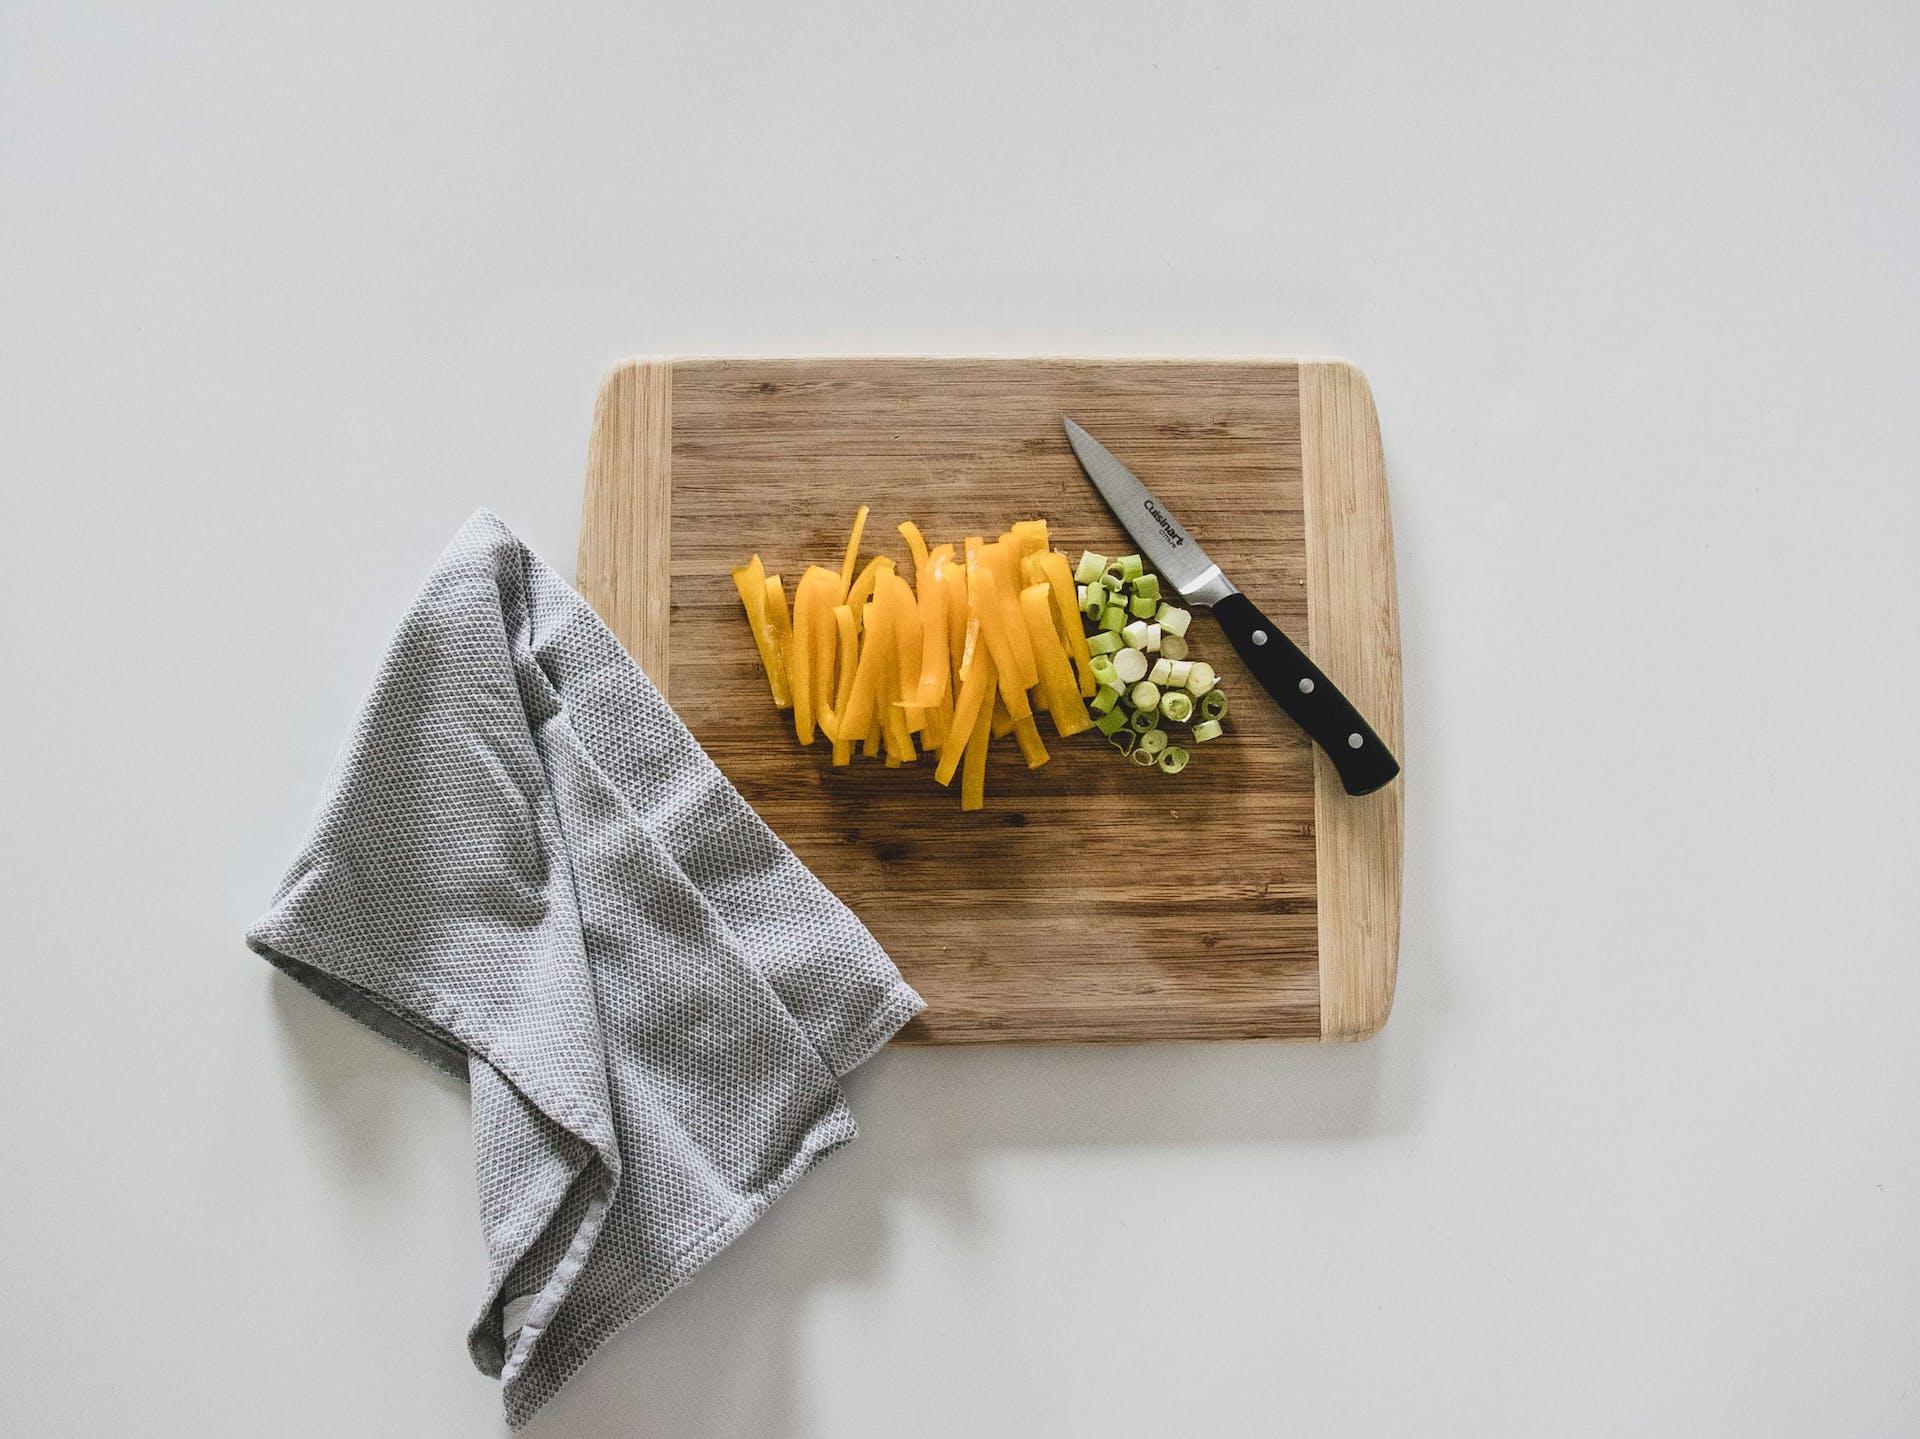 Los mejores tipos de tablas para picar que necesitas en tu cocina este 2021